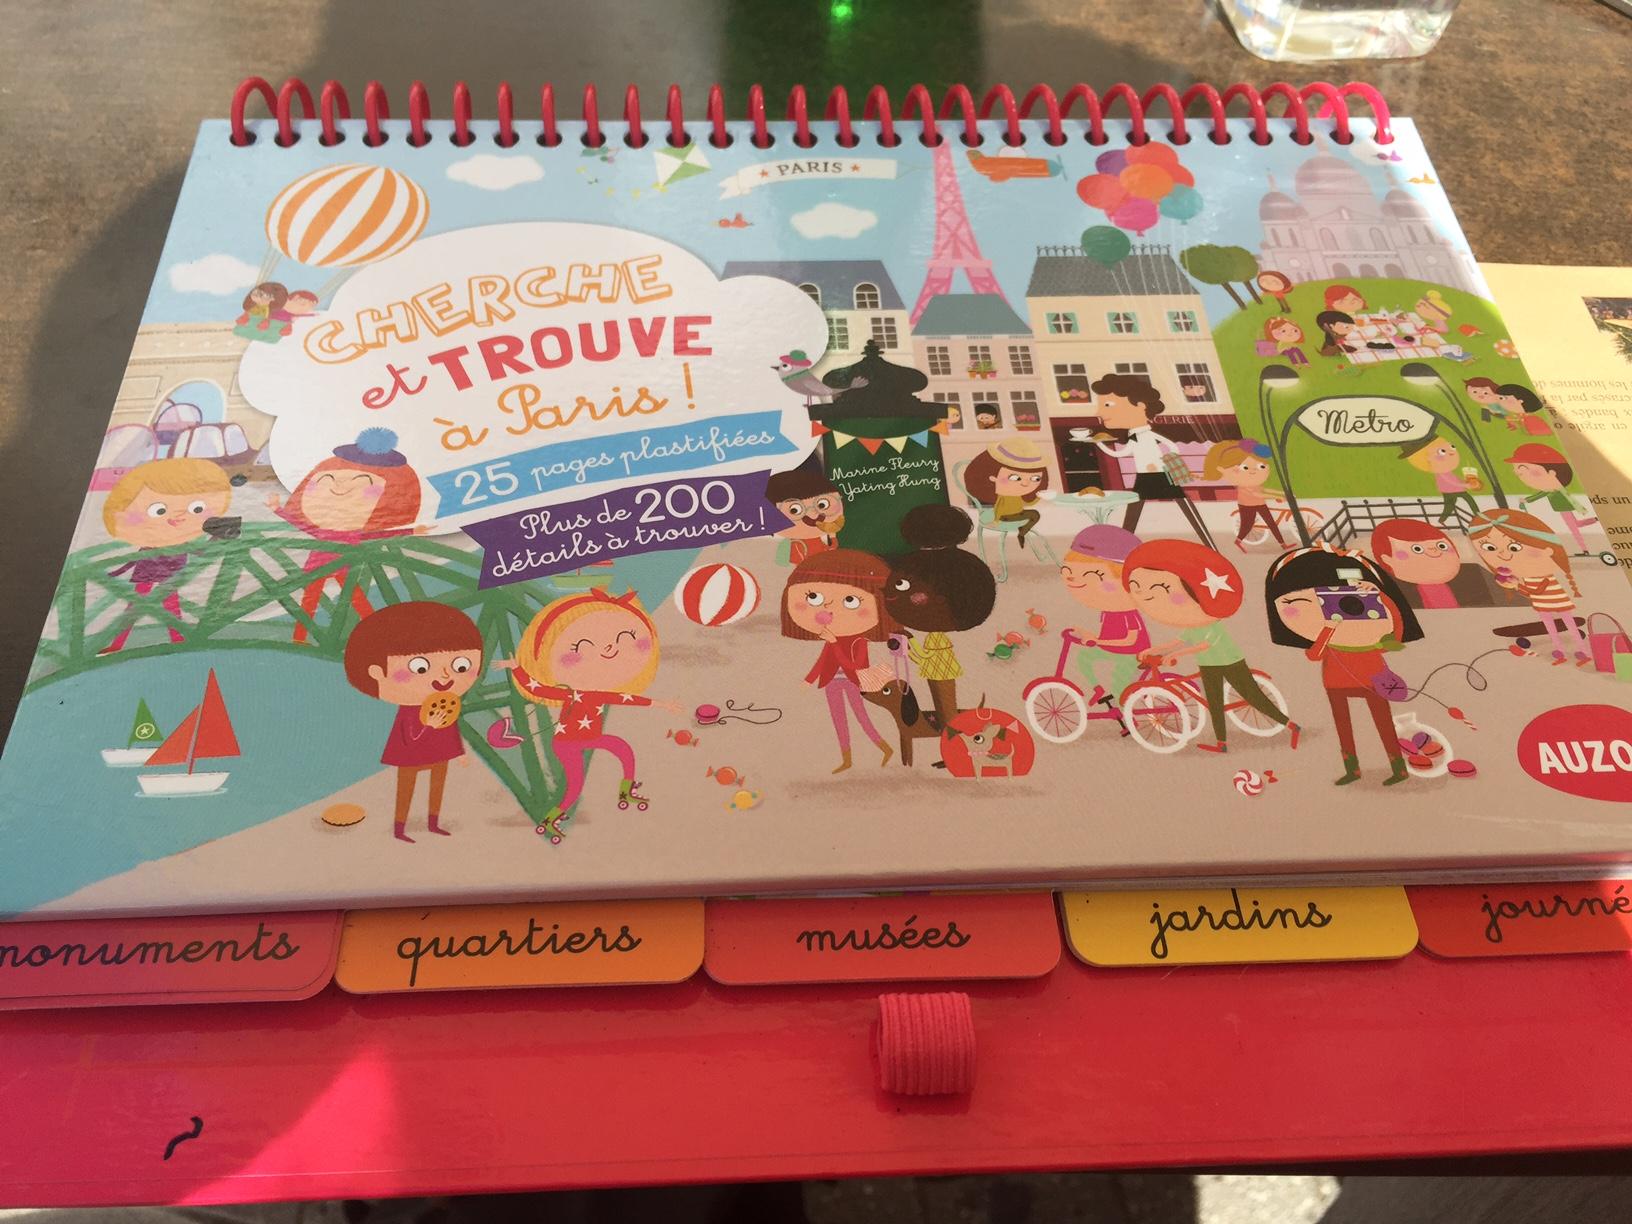 Cherche et trouve Paris test livre et jeu